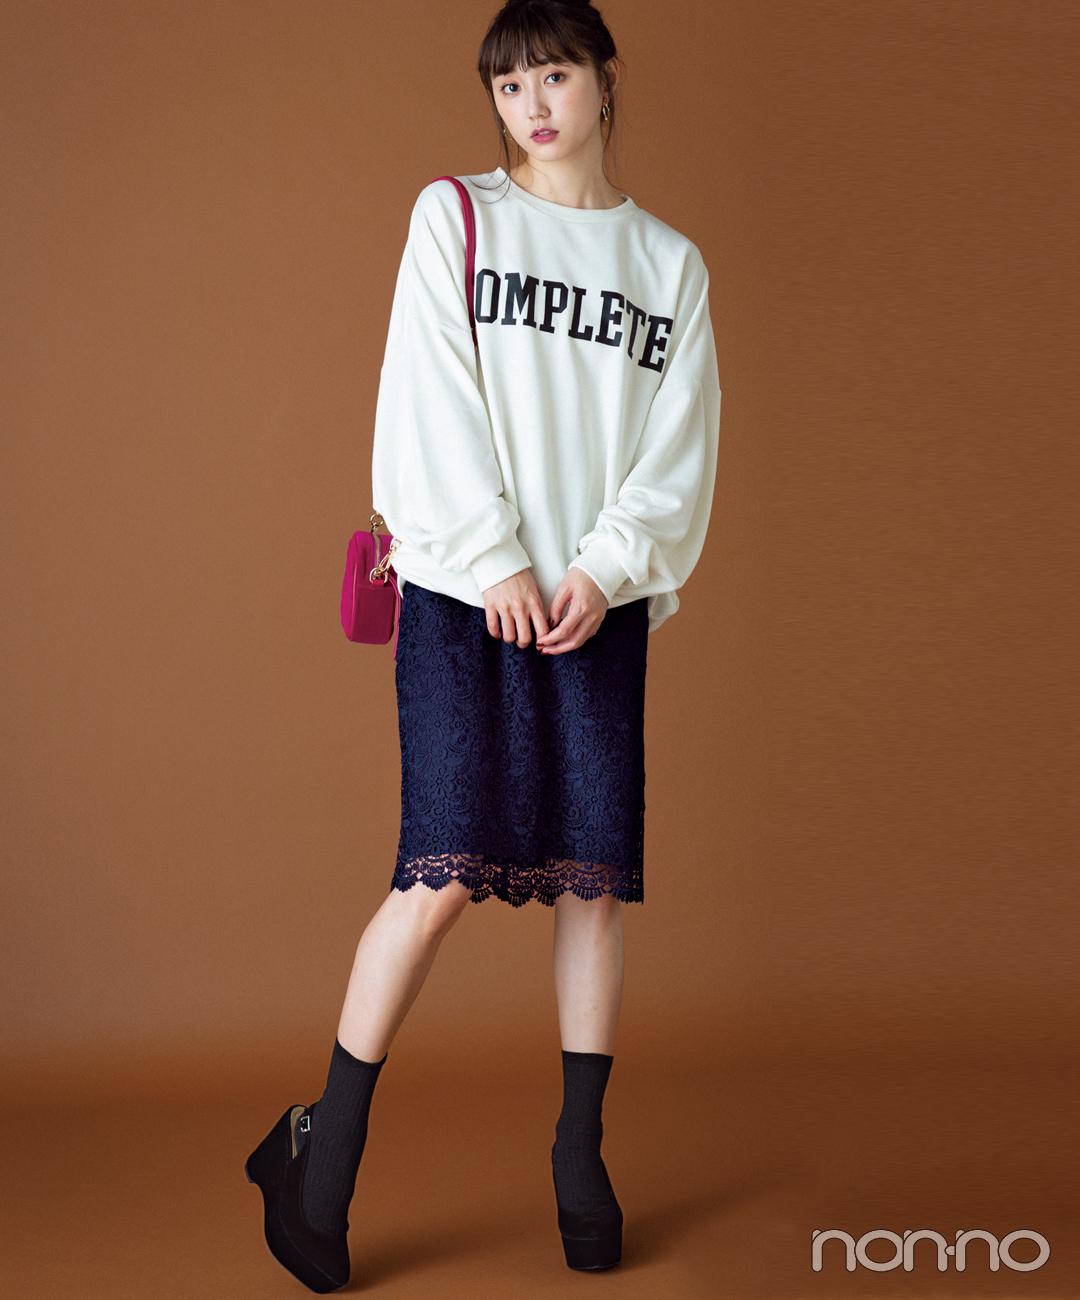 【タイトスカートコーデ4】ロゴスウェット×レースのタイトスカート